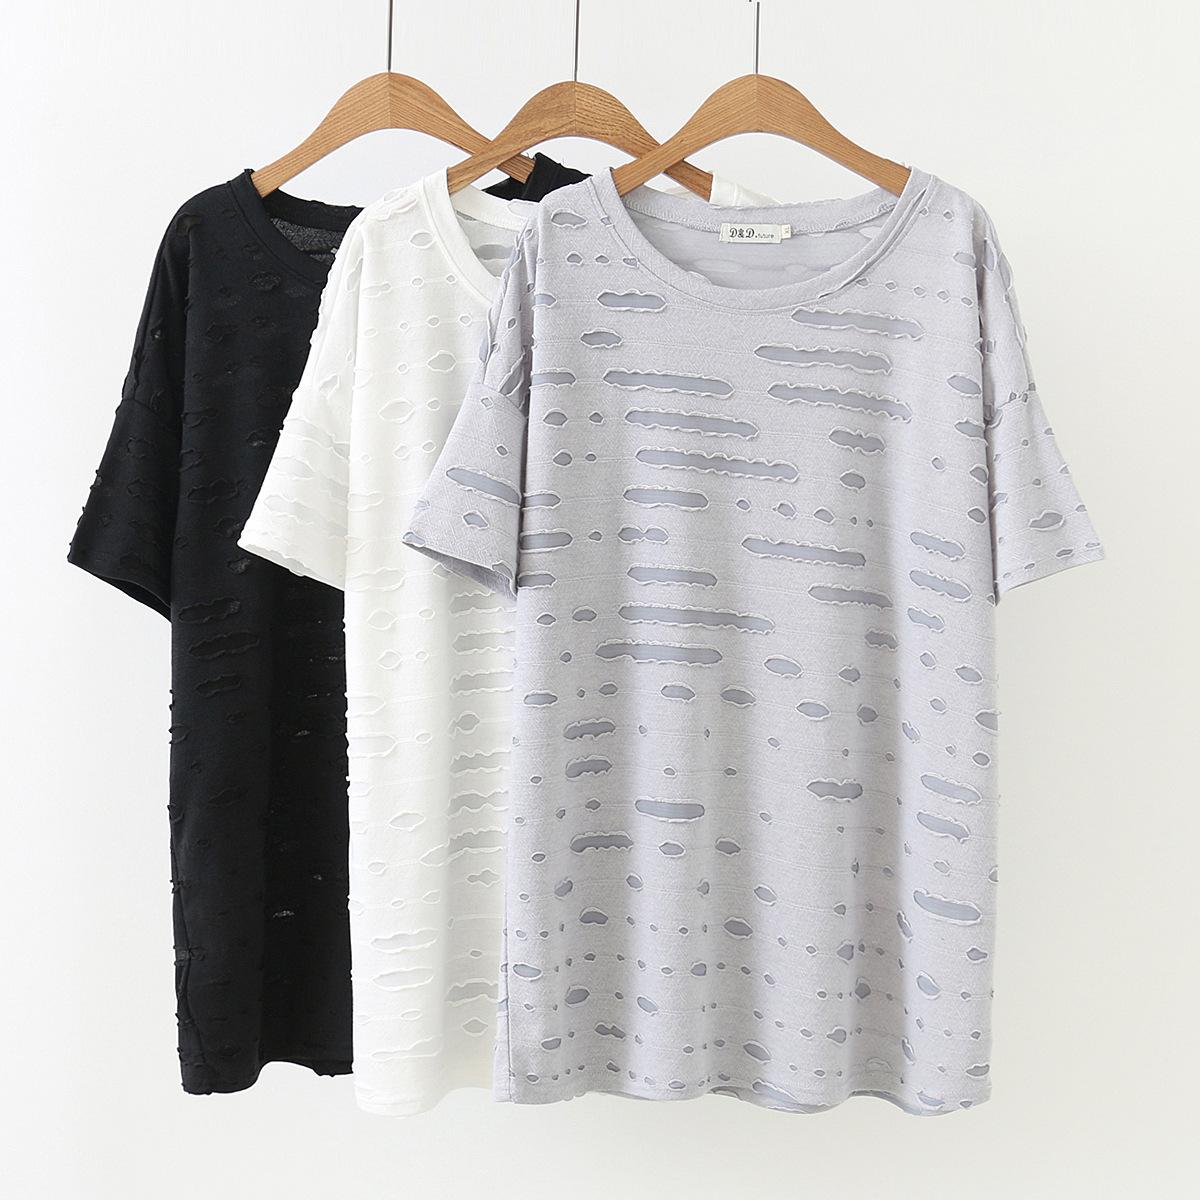 200斤T恤超大码女装夏胖妞妹妹百搭宽松时尚遮肚子肥婆衫短袖上衣